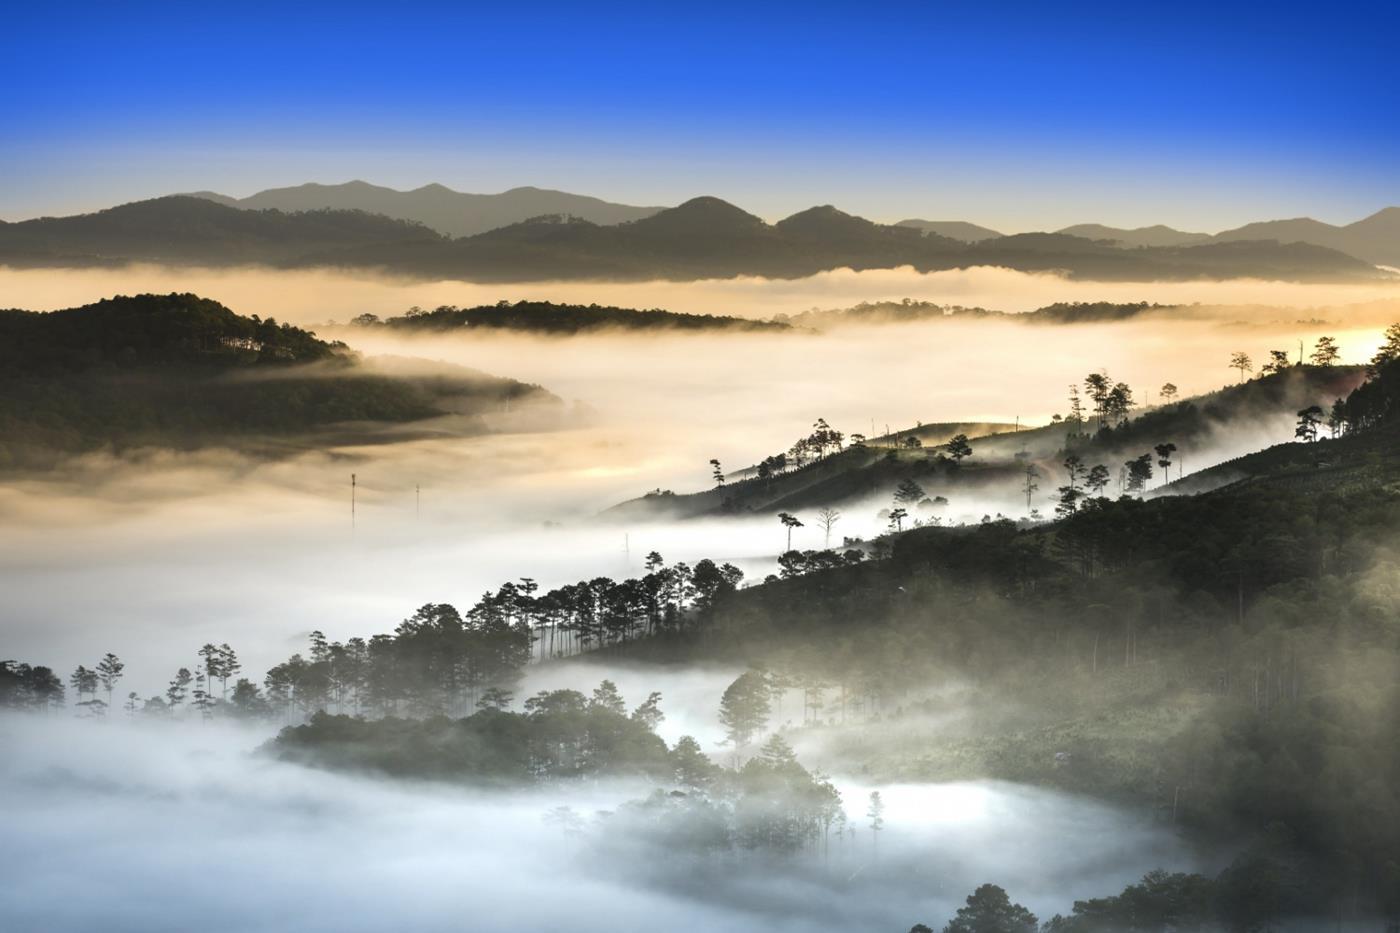 Tiềm năng của thành phố Bảo Lộc